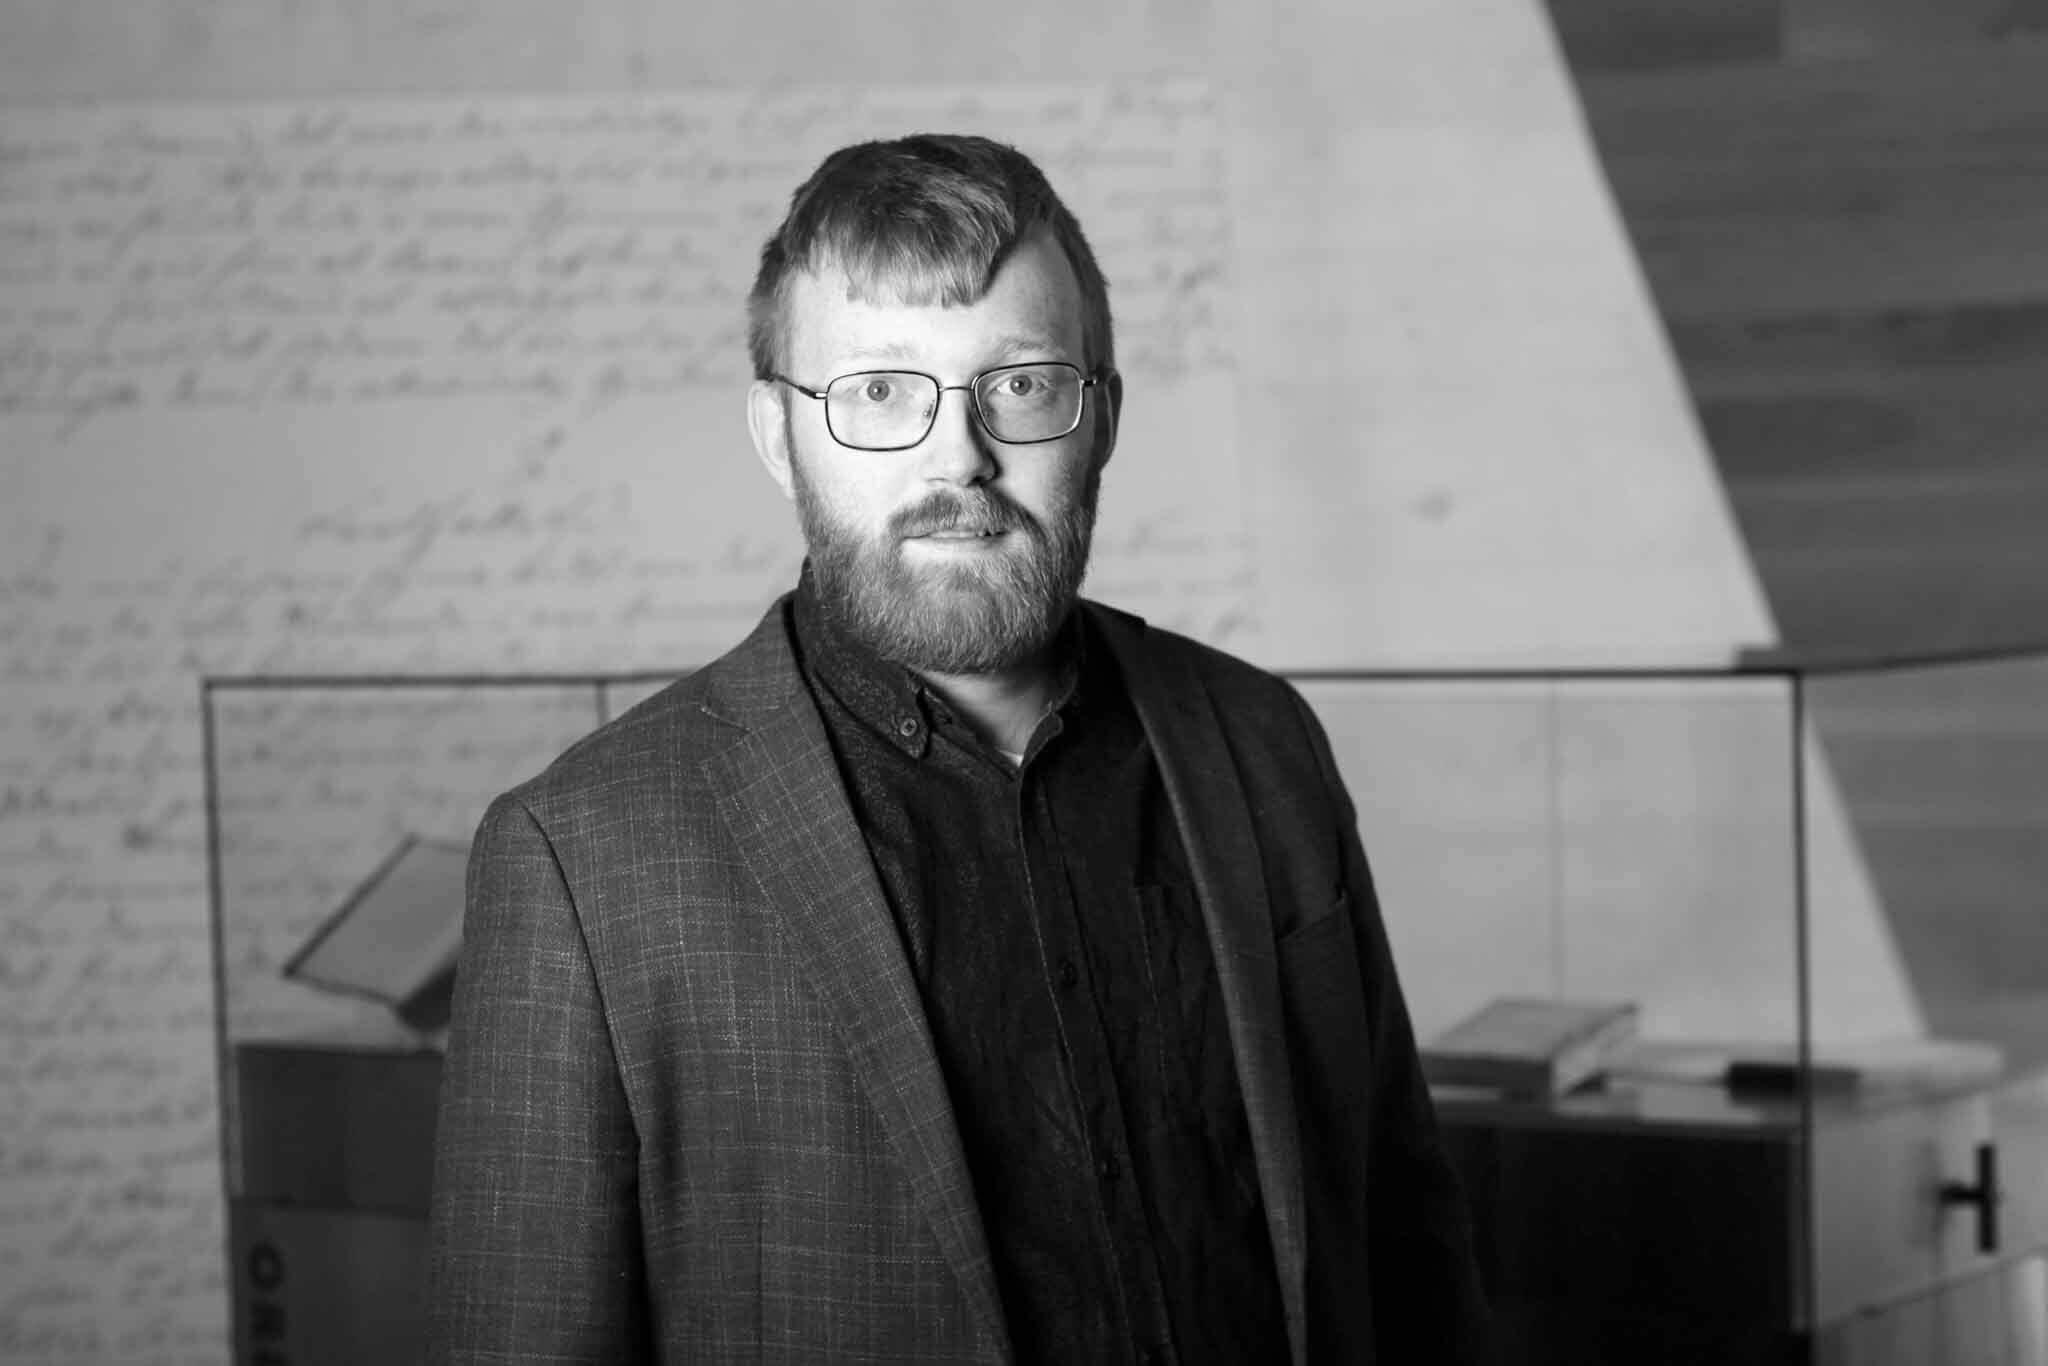 Bilete av direktør i Nynorsk kultursentrum Per Magnus Finnanger Sandsmark